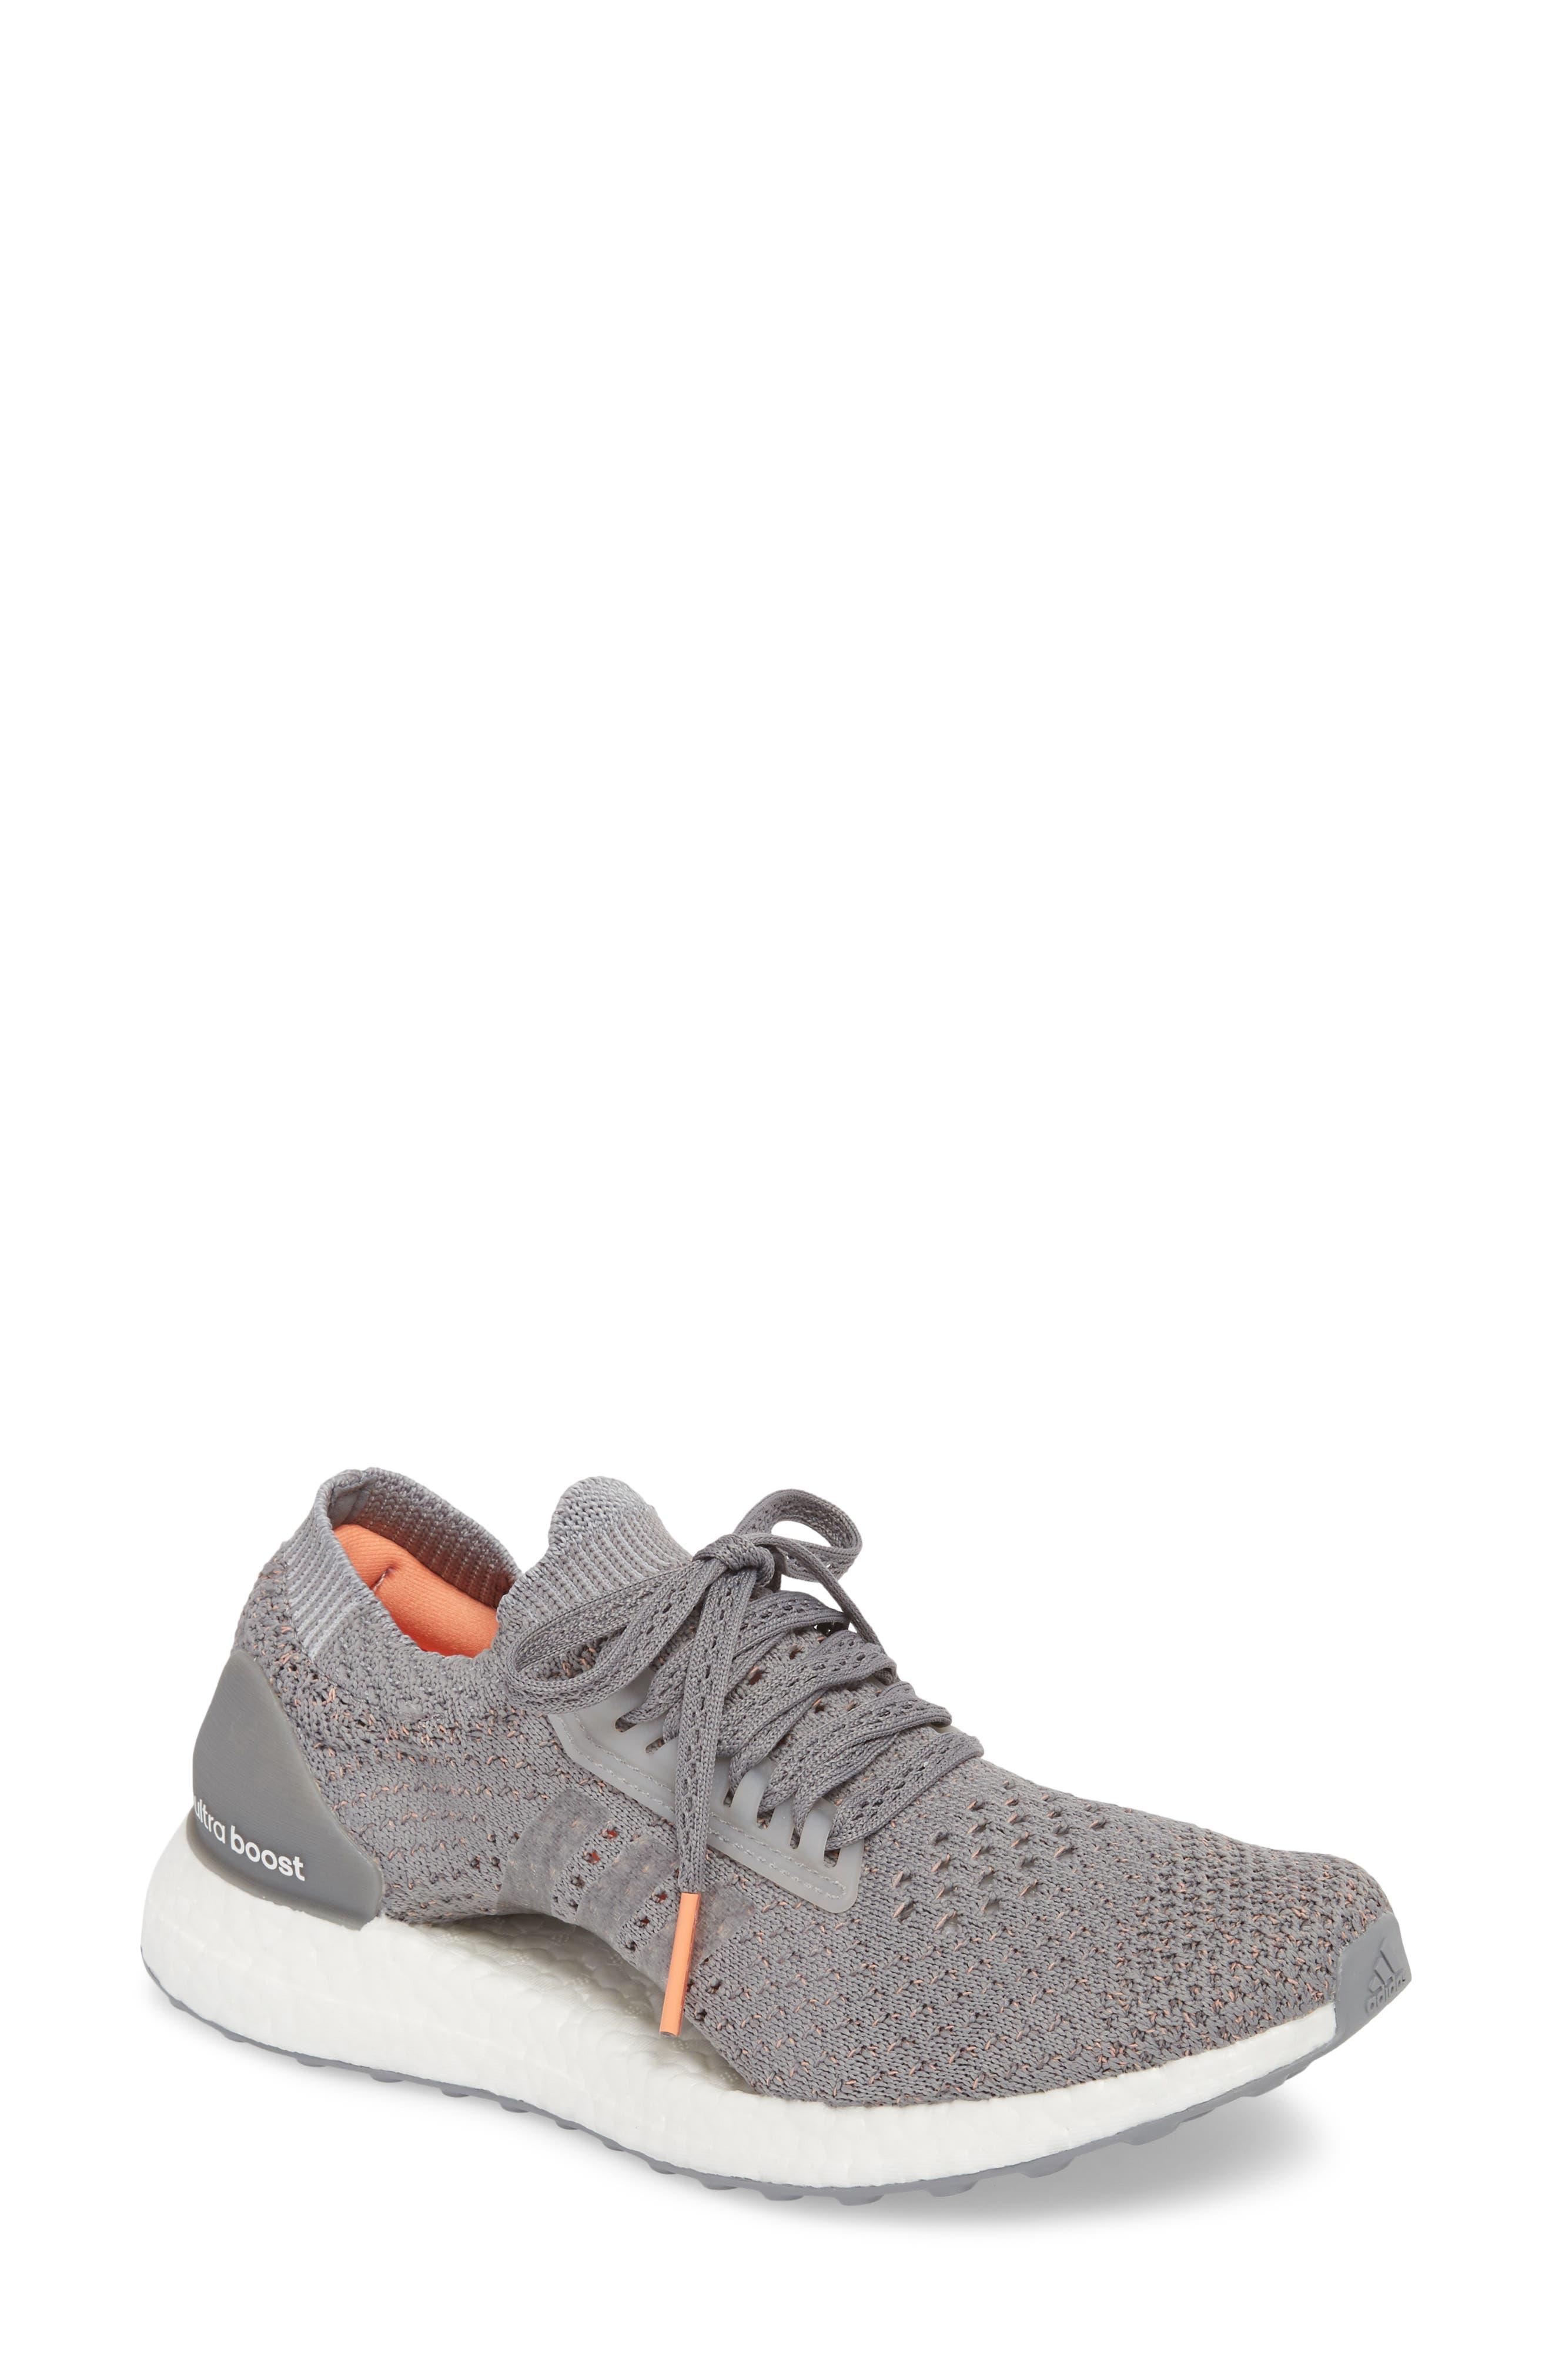 adidas ultraboost x running sneaker